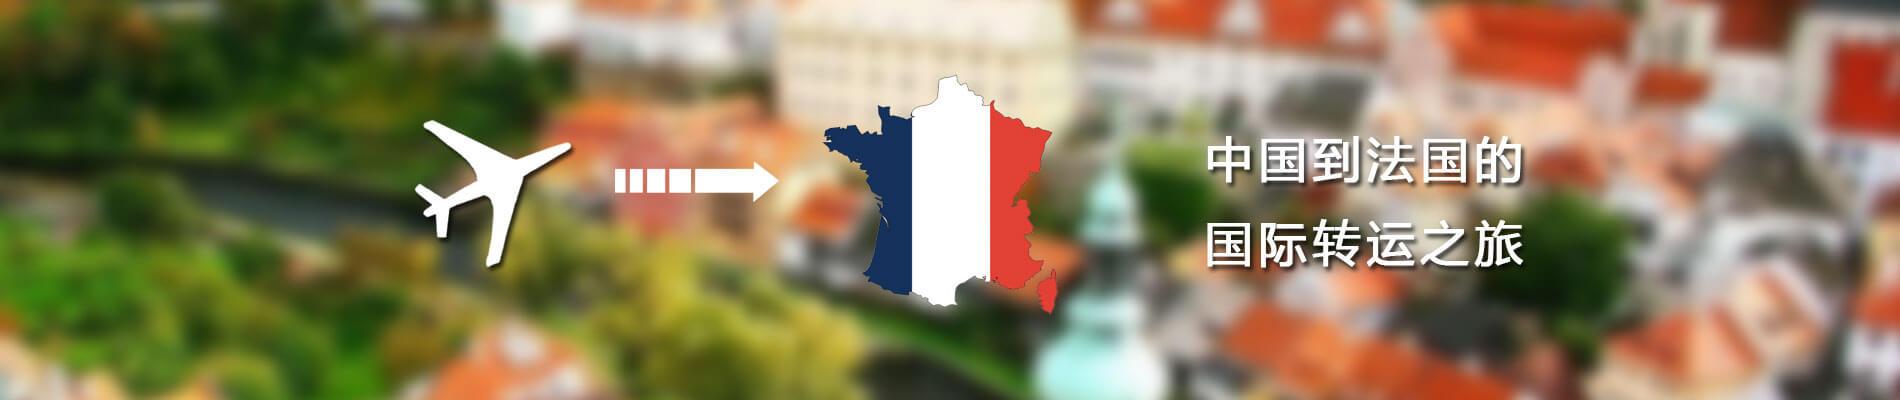 法国专题banner